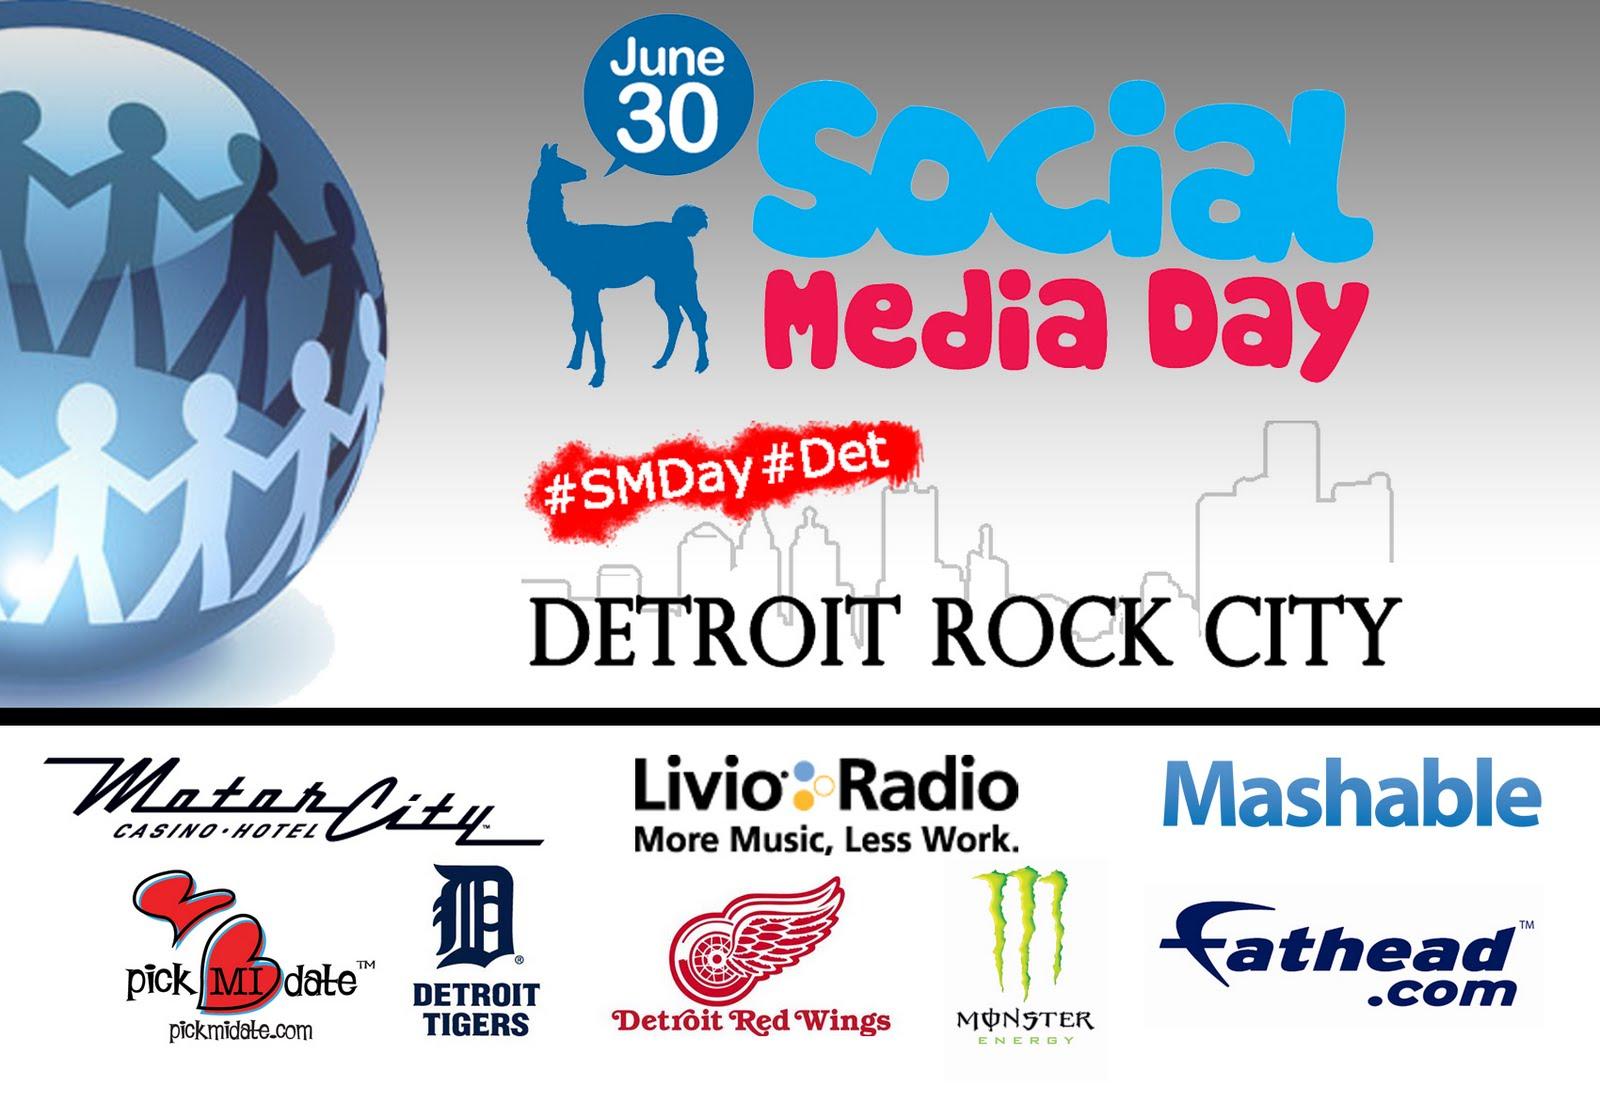 Detroit Social Media Day June 30, 2011 Sponsors